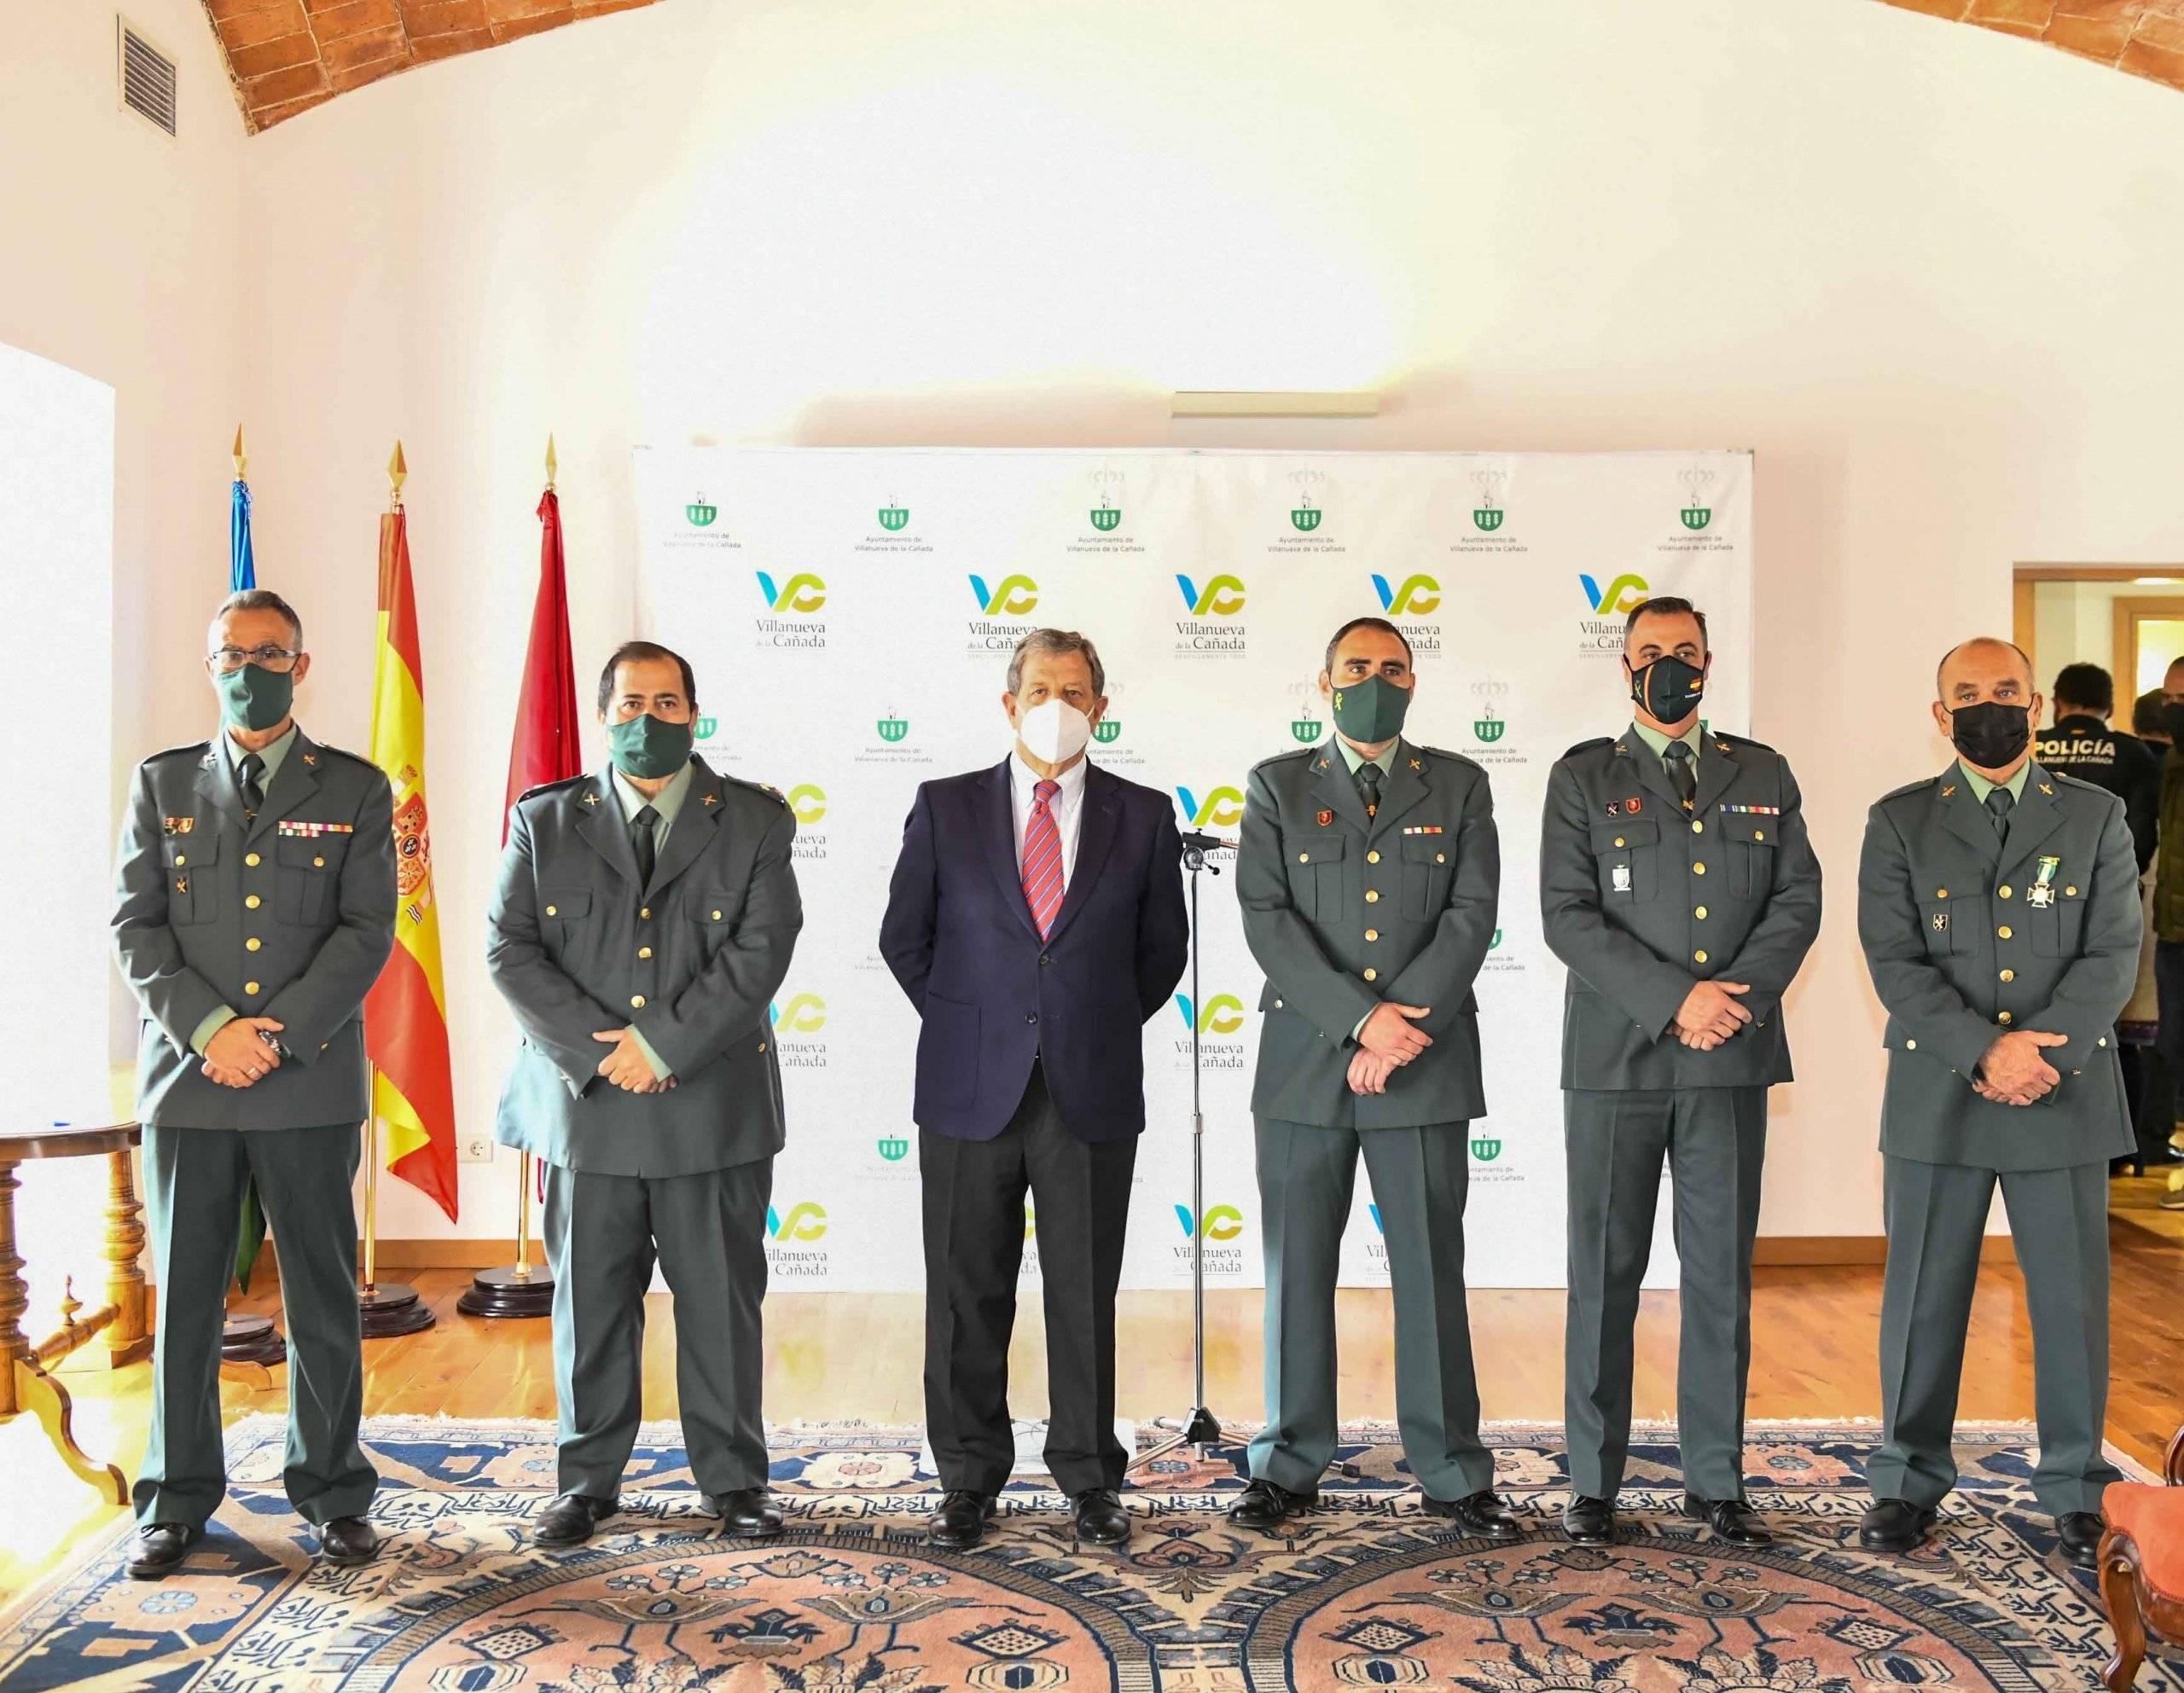 Miembros de la Guardia Civil galardonados junto a autoridades del Cuerpo.